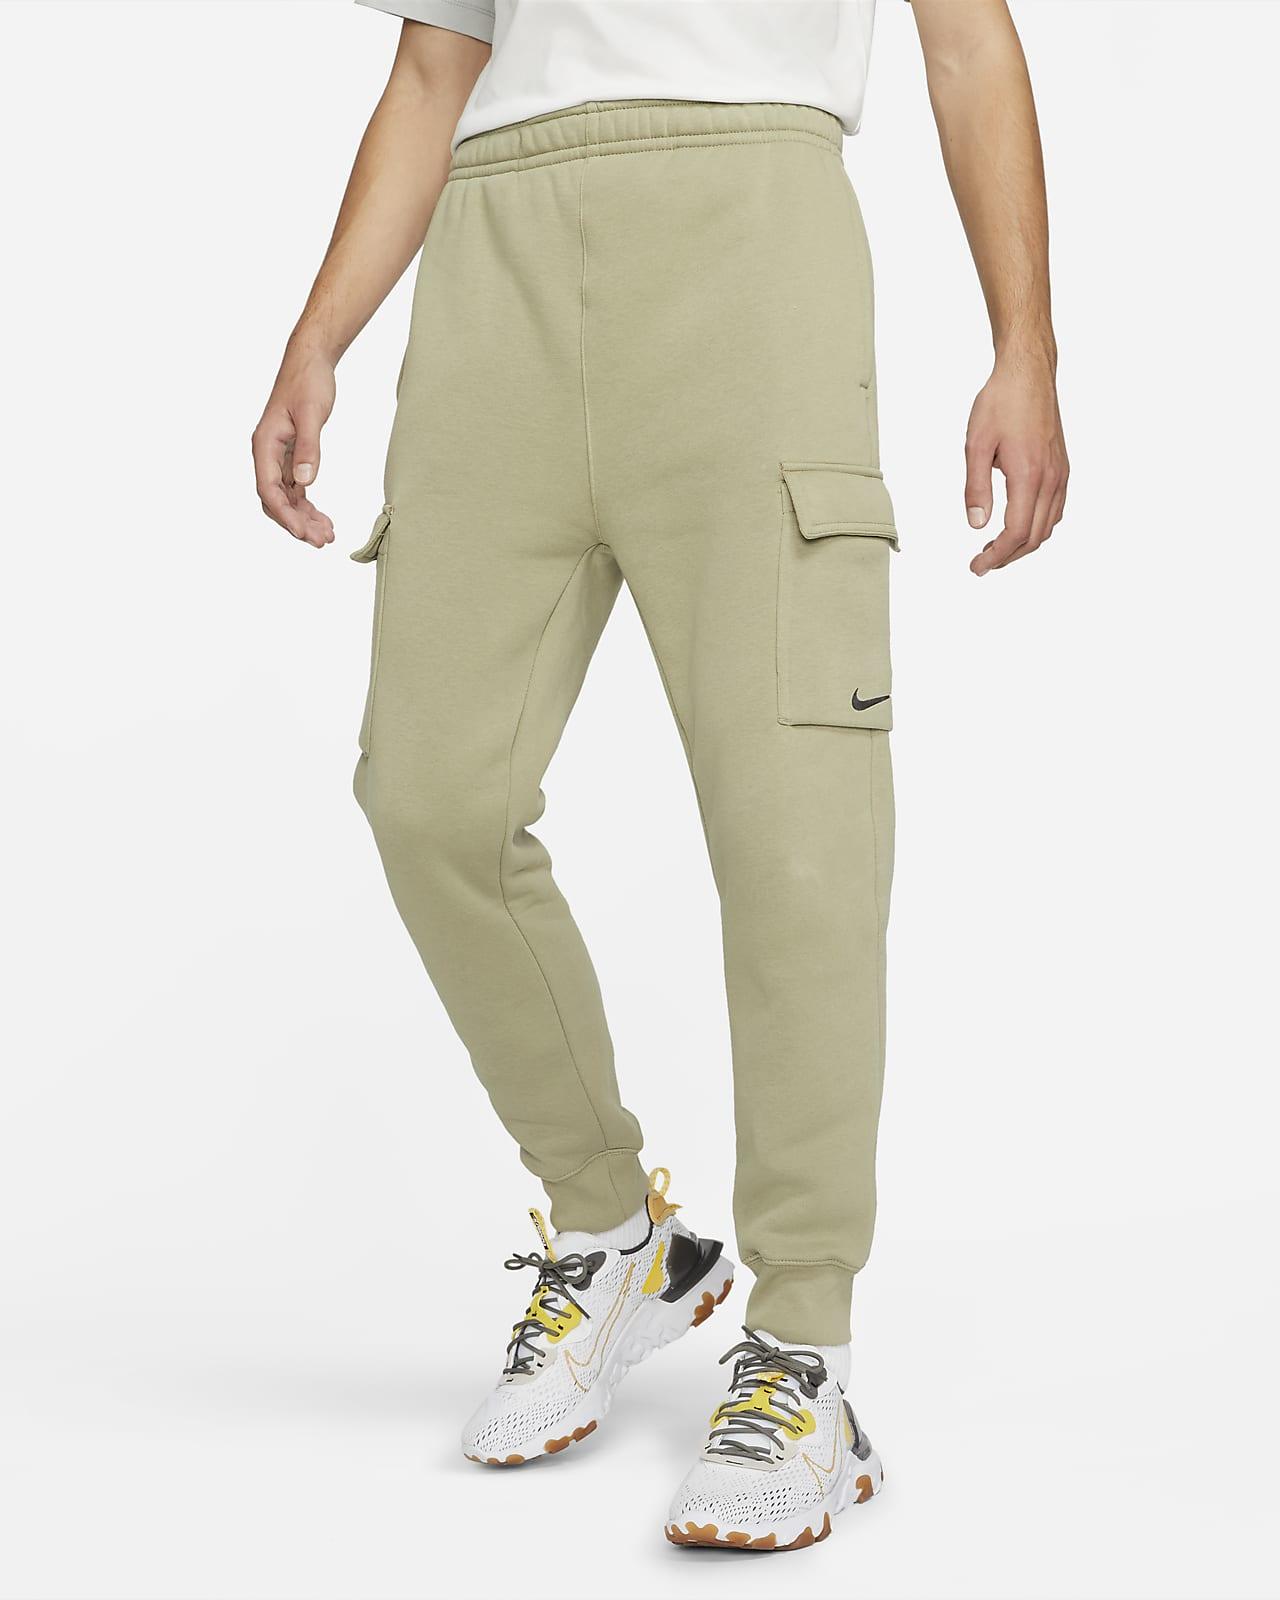 Pantalon cargo en tissu Fleece Nike Sportswear pour Homme